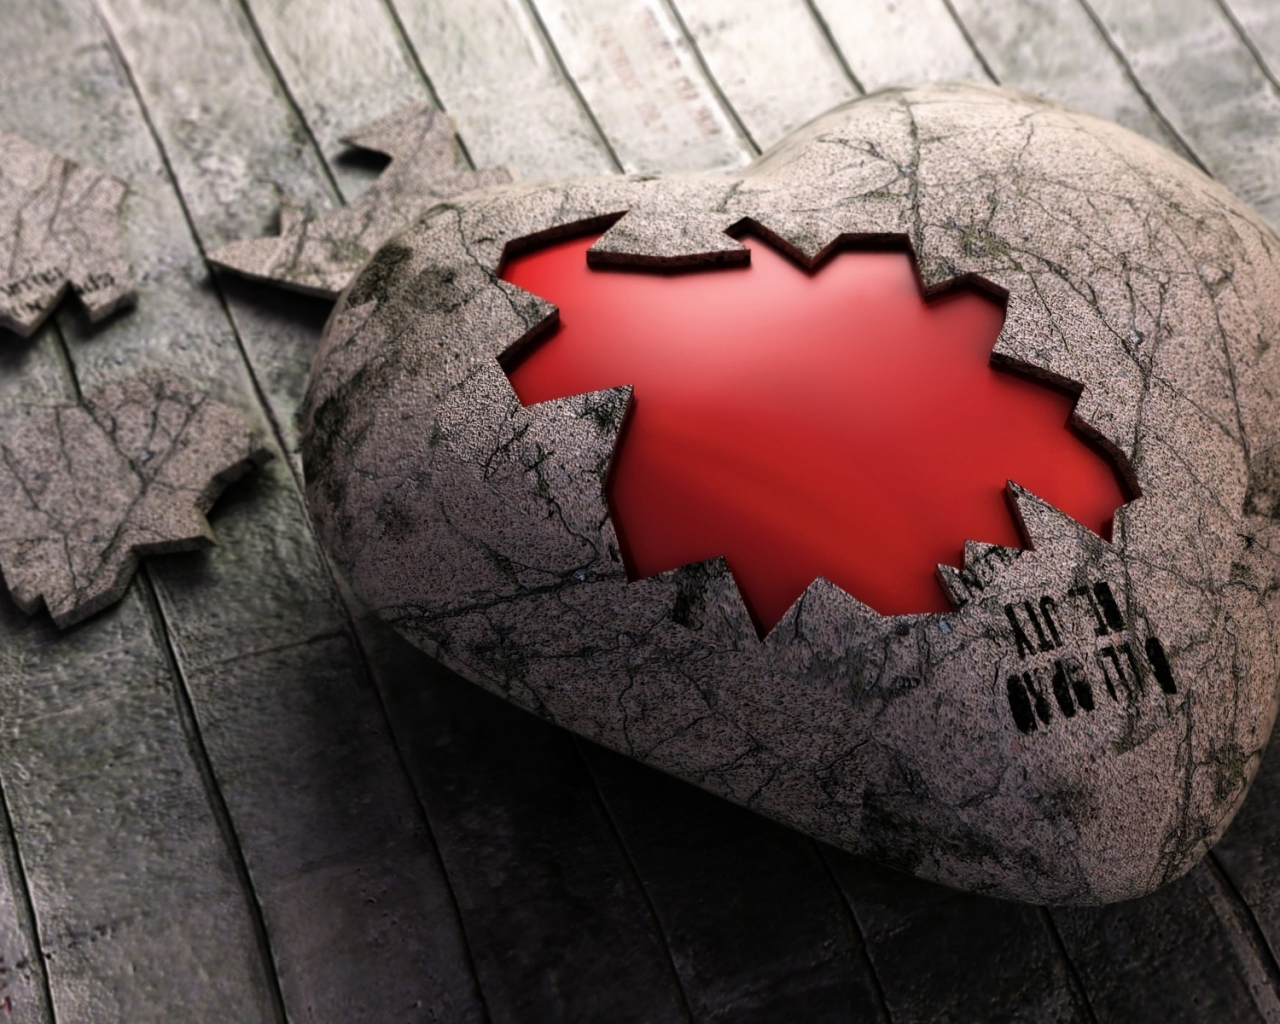 Un rompecabezas de corazón - 1280x1024